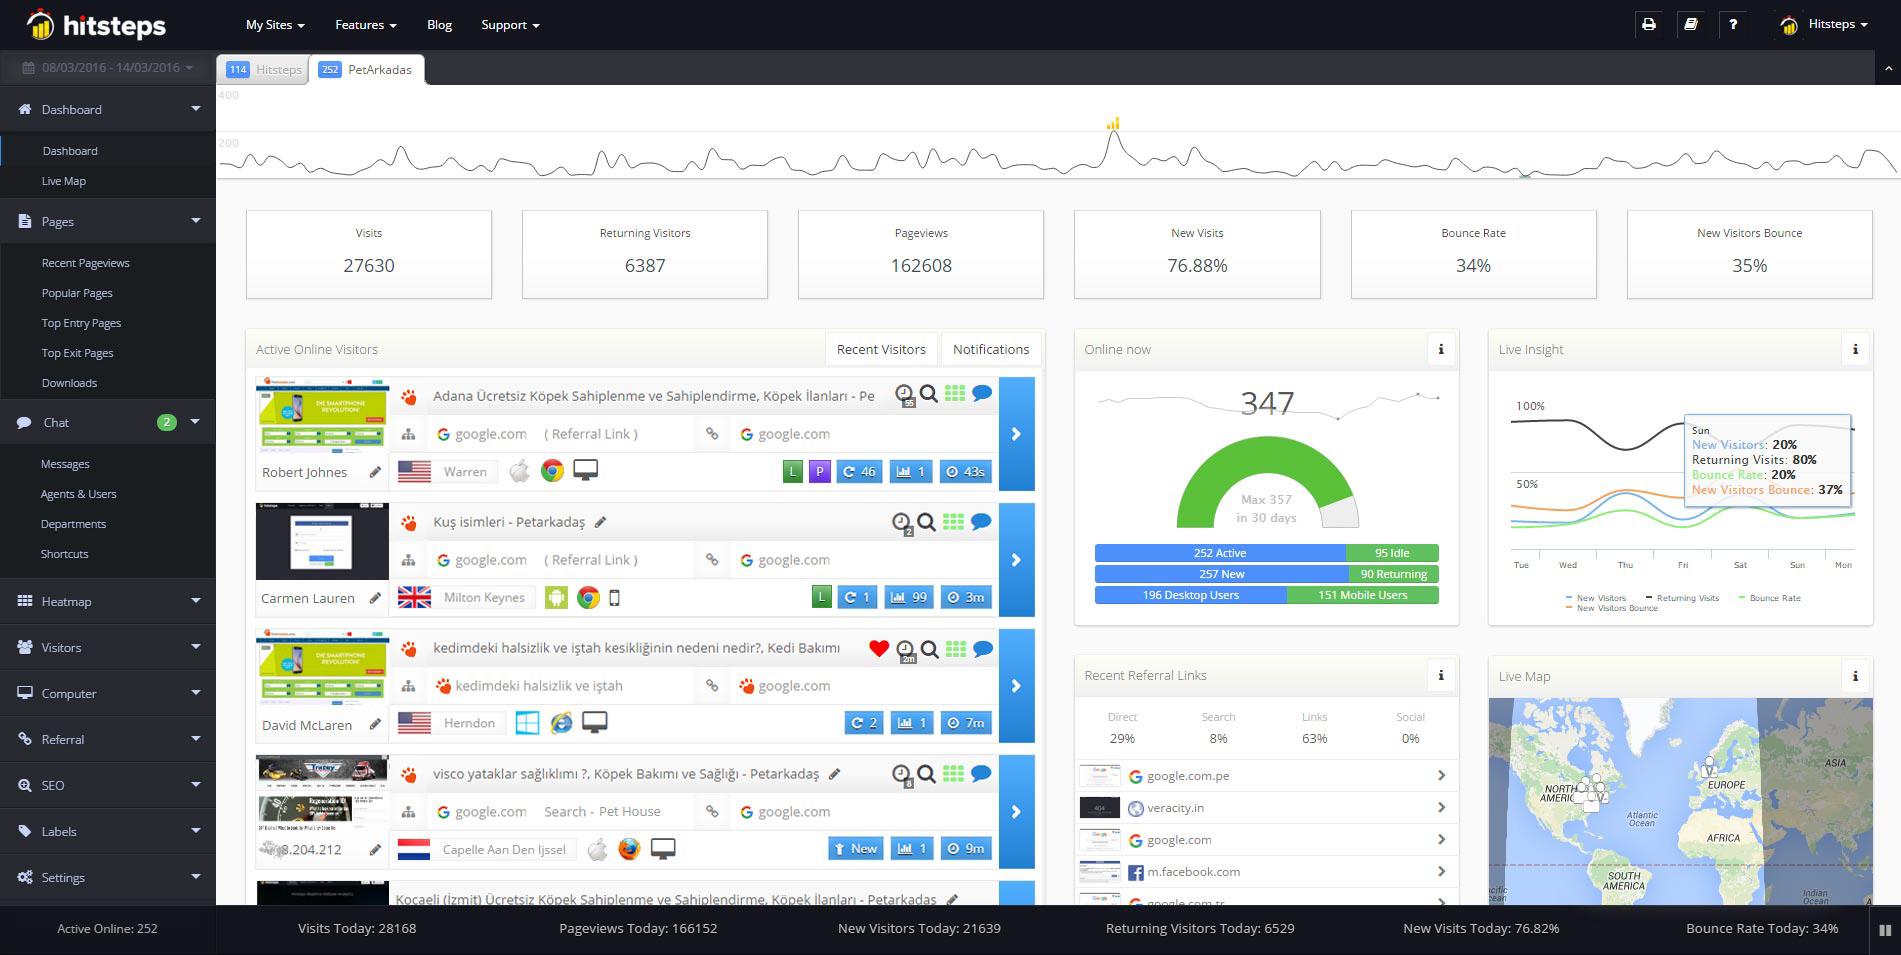 Hitsteps Web Analytics Dashboard